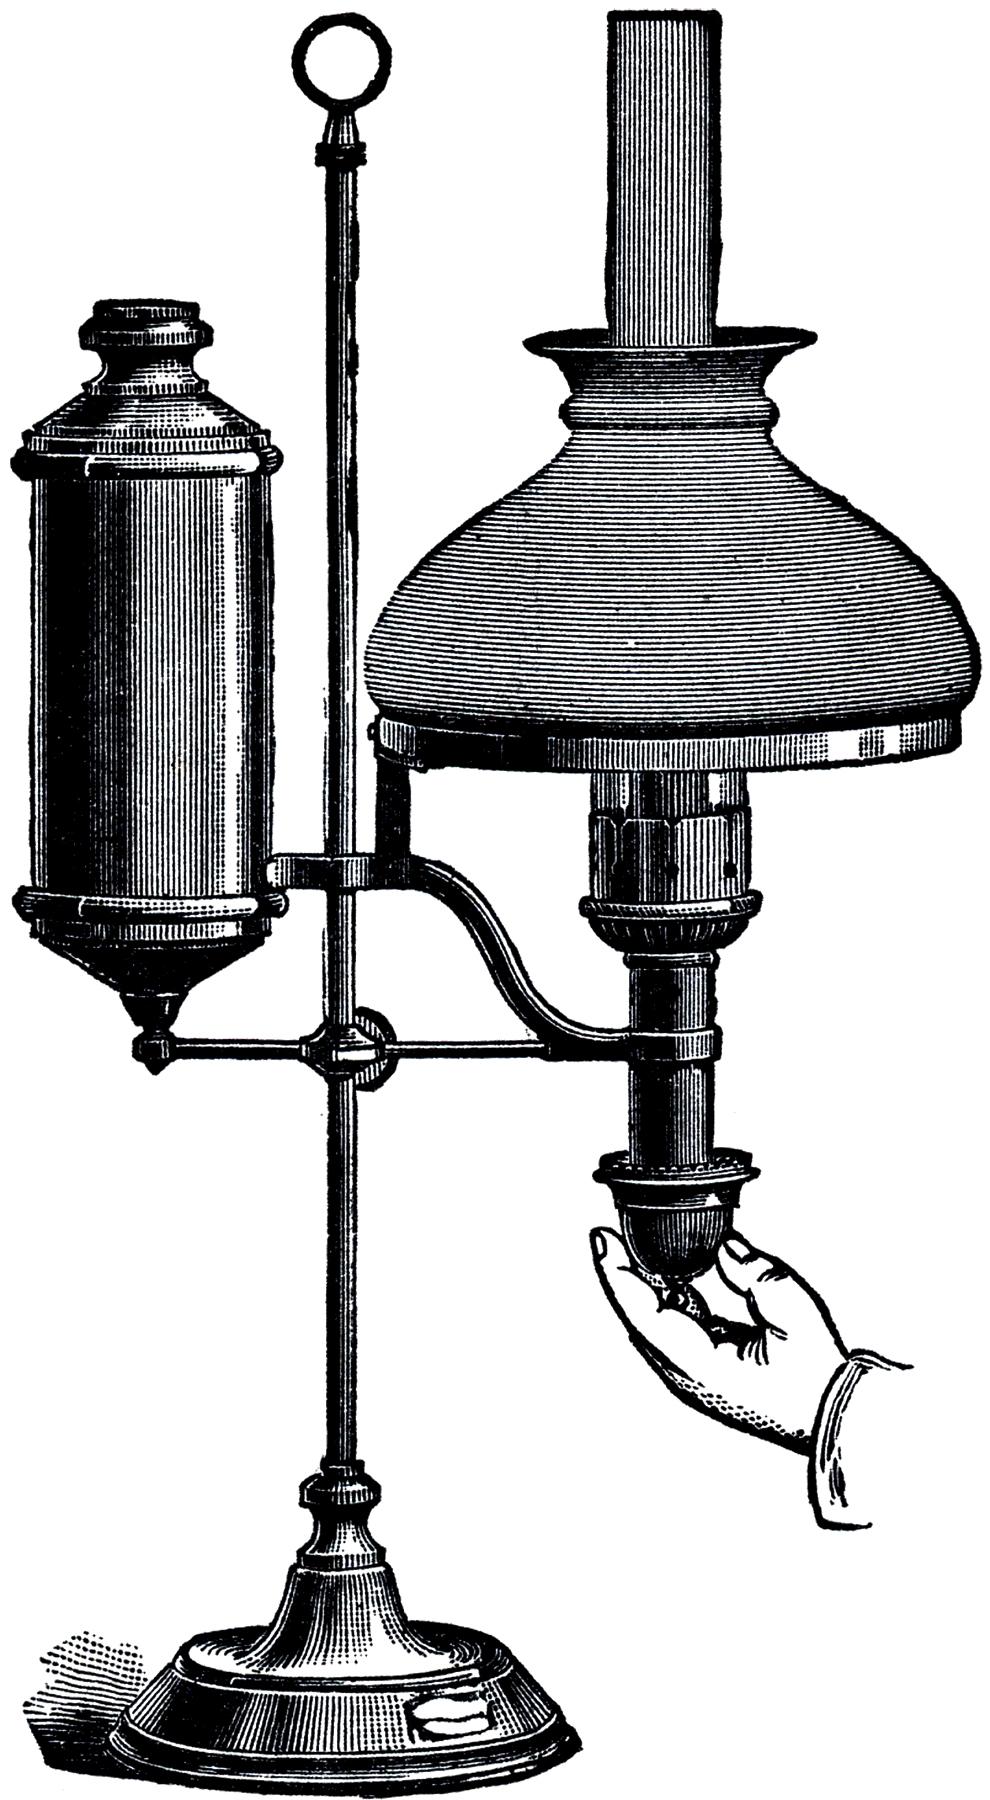 Vintage desk lamp - Free Vintage Desk Lamp Image